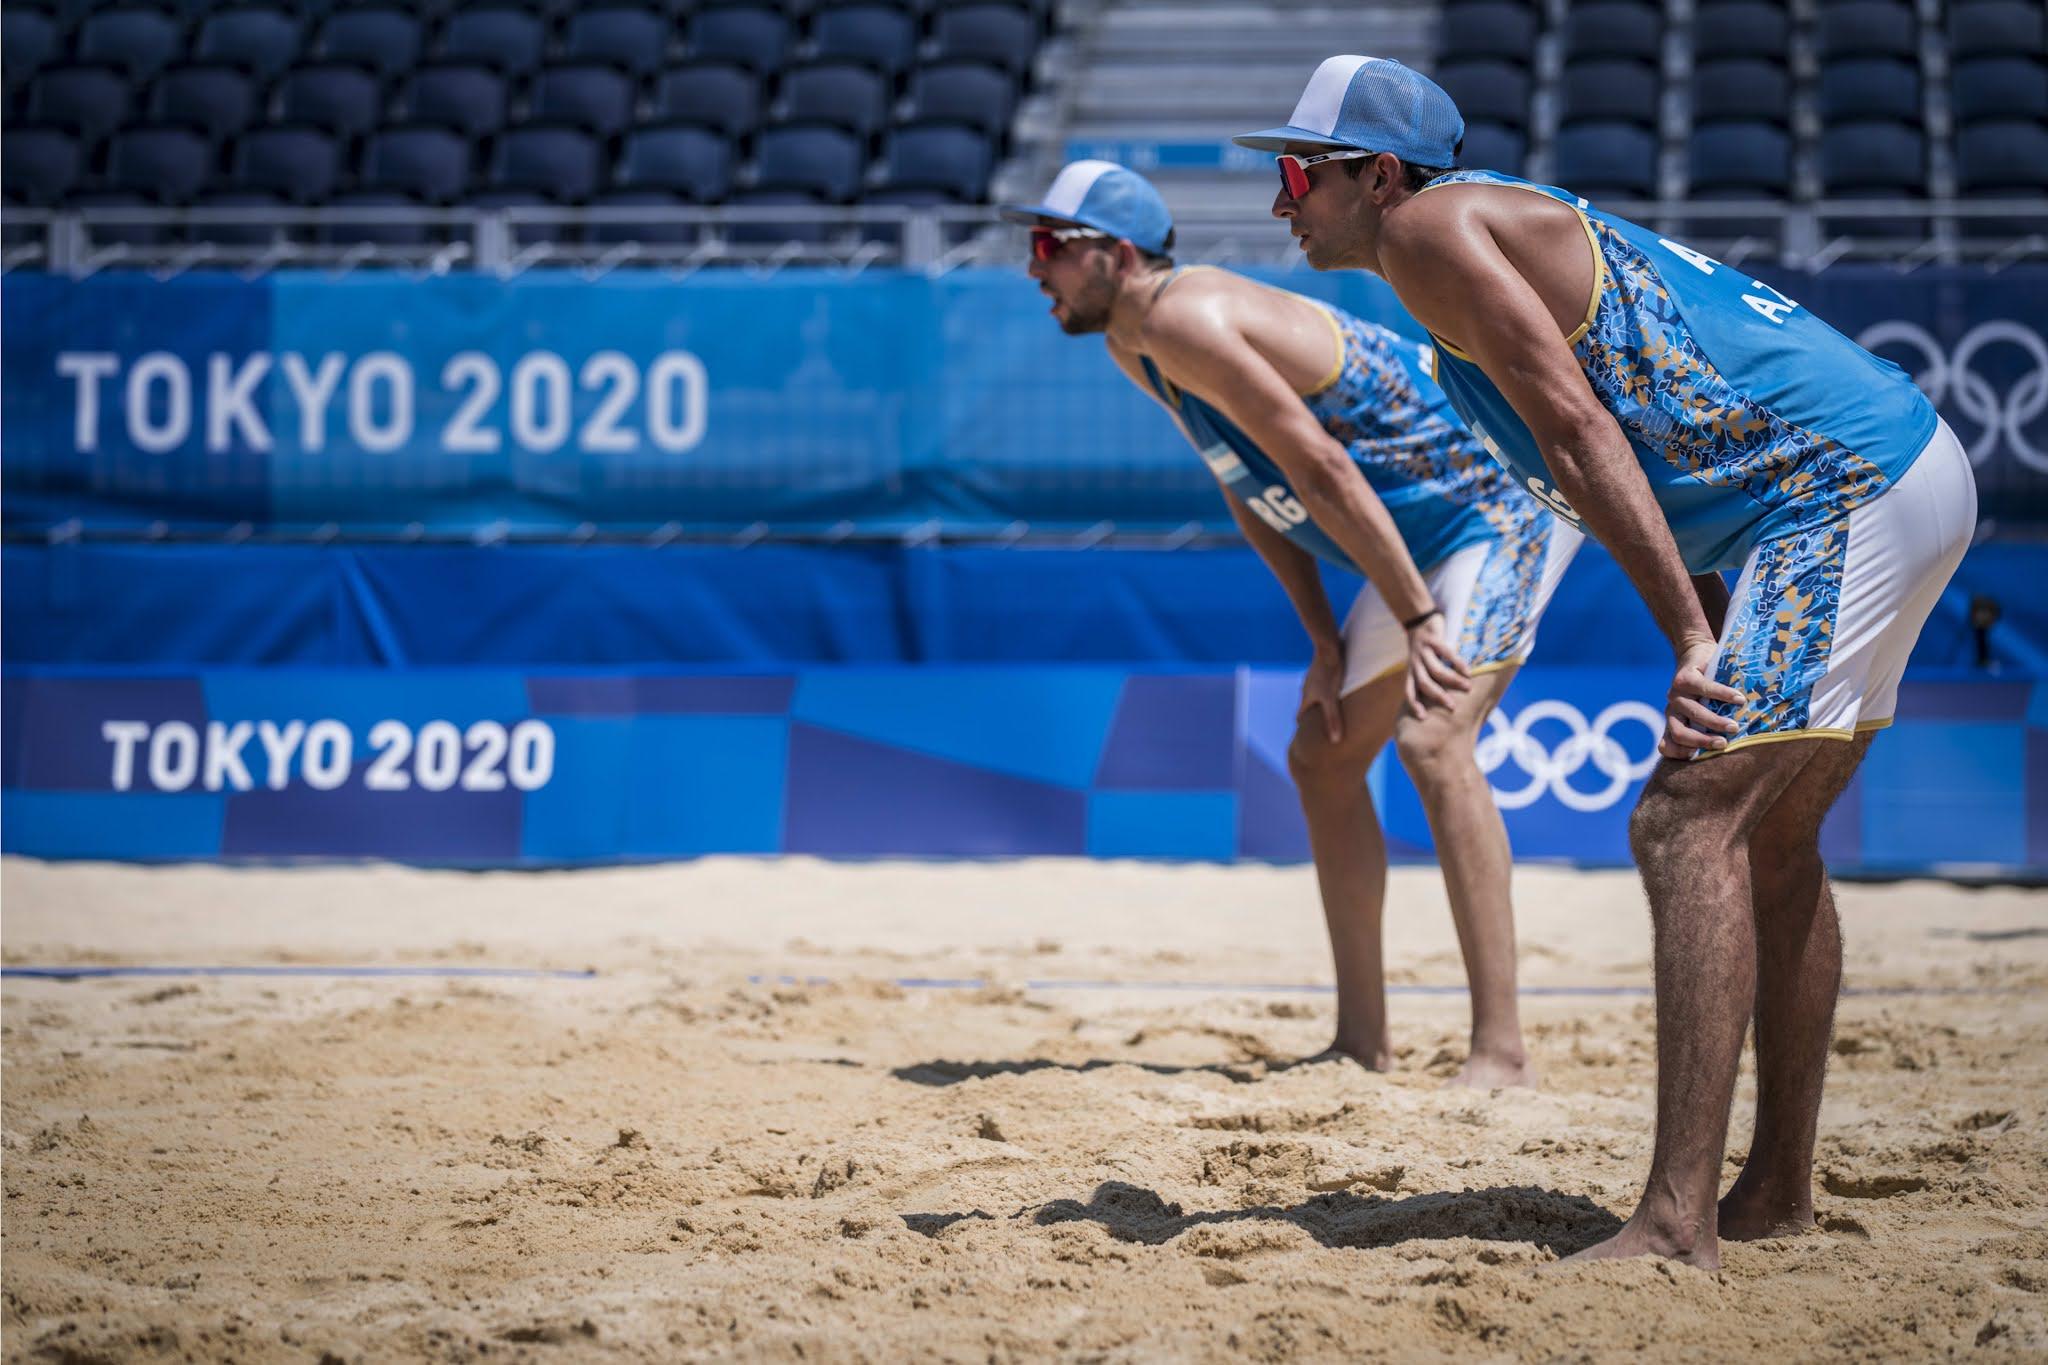 Beach Volley: la dupla argentina Capogrosso-Azaad cayó ante la neerlandesa Brouwer-Meeuwsen